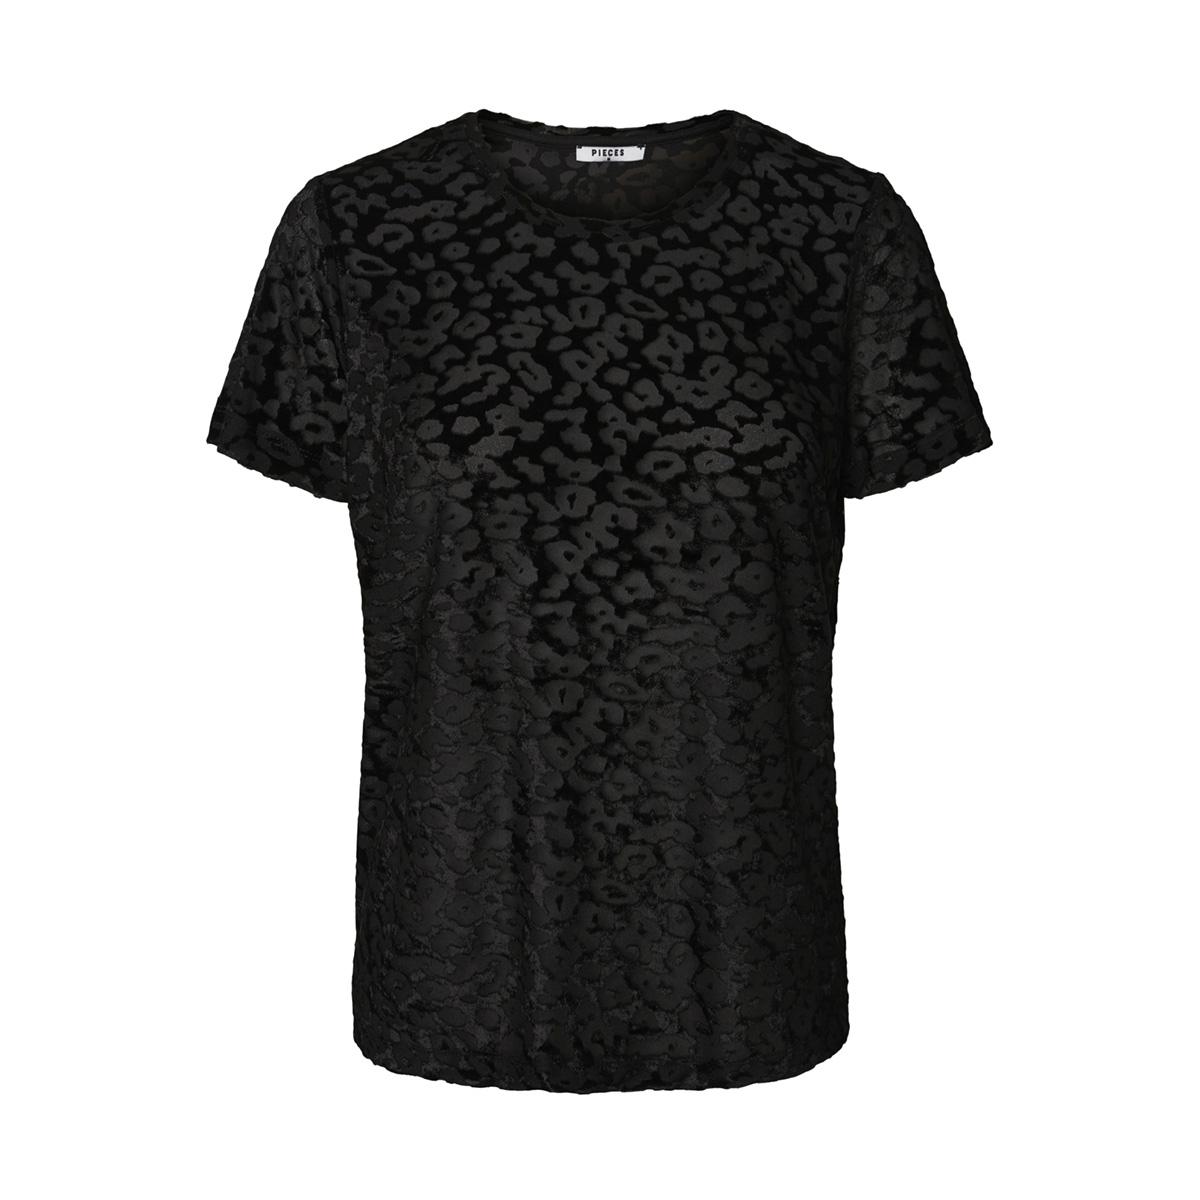 pcolli ss top d2d 17096302 pieces t-shirt black